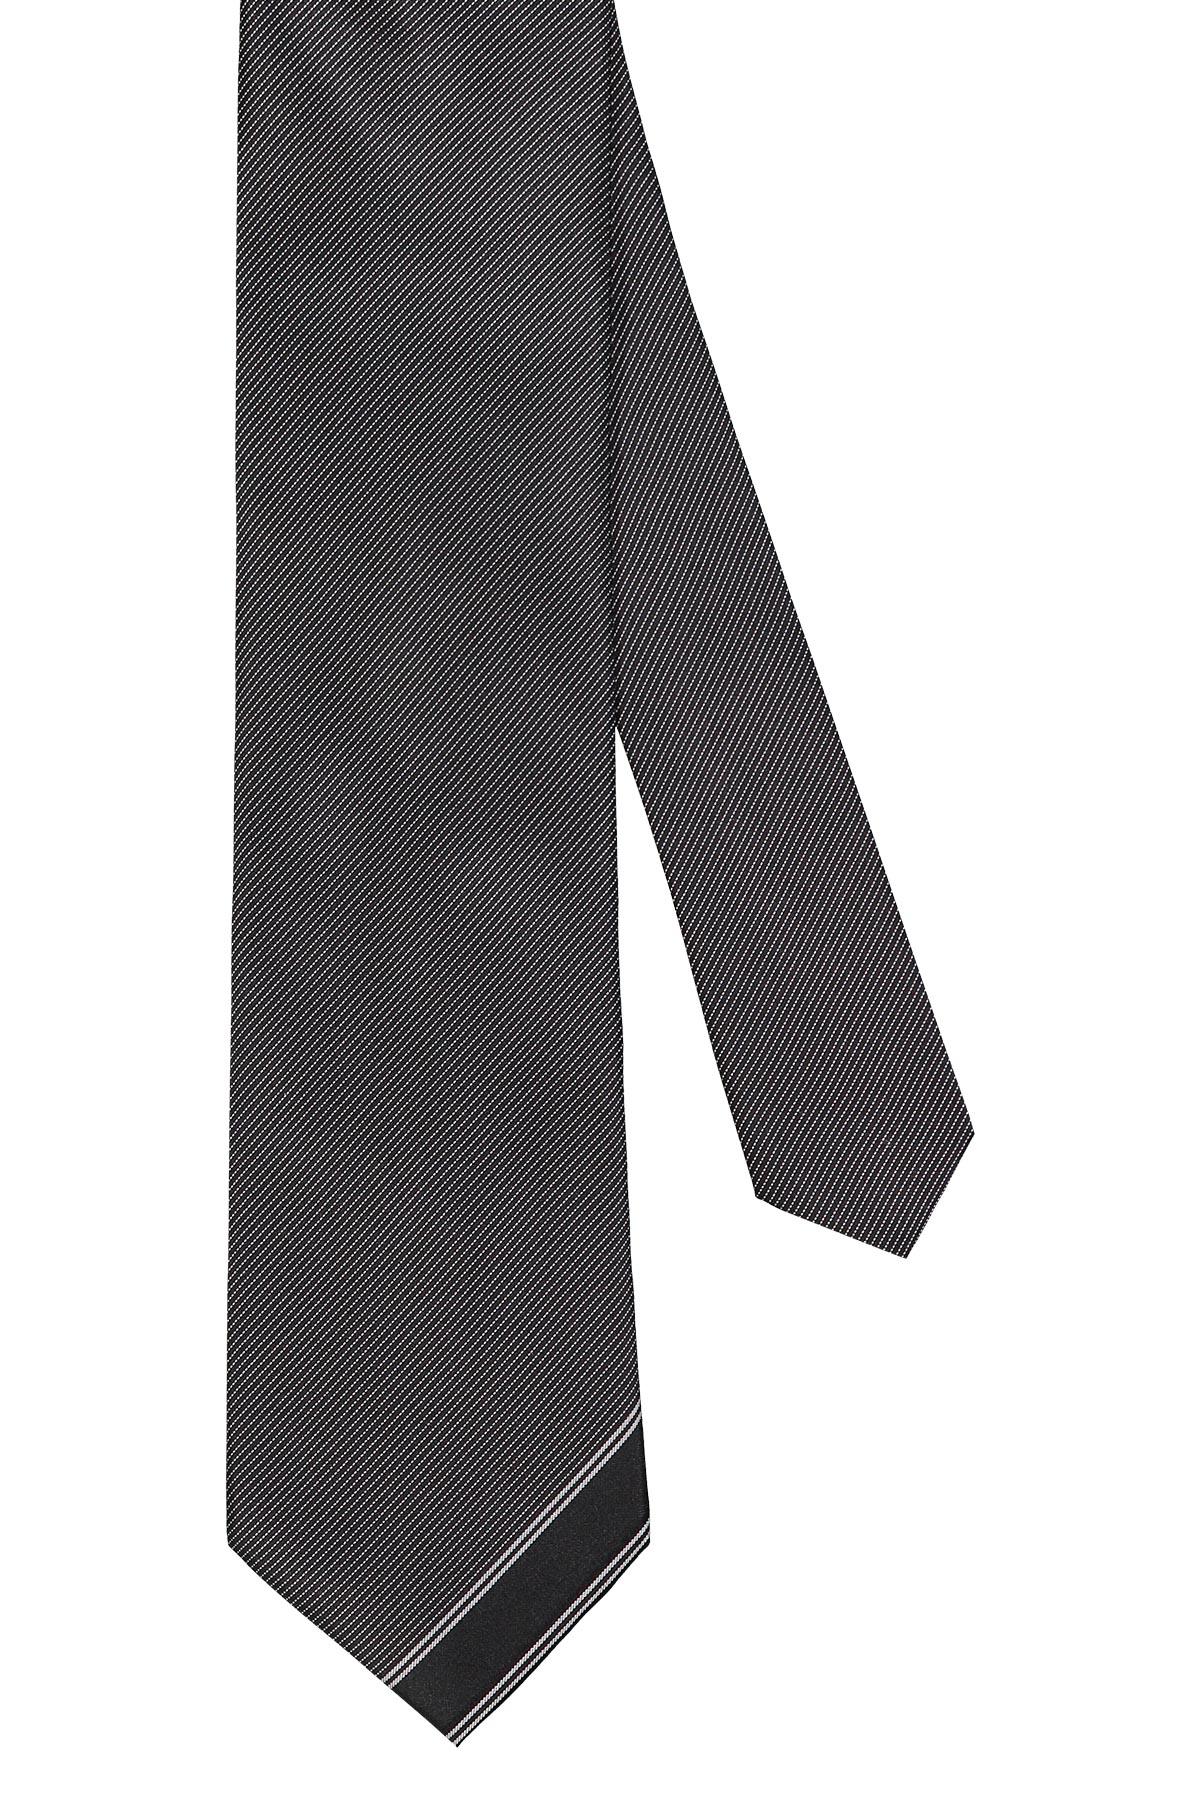 Corbata Calvin Klein, 100% seda, gris trama diagonal, punta con vivo.